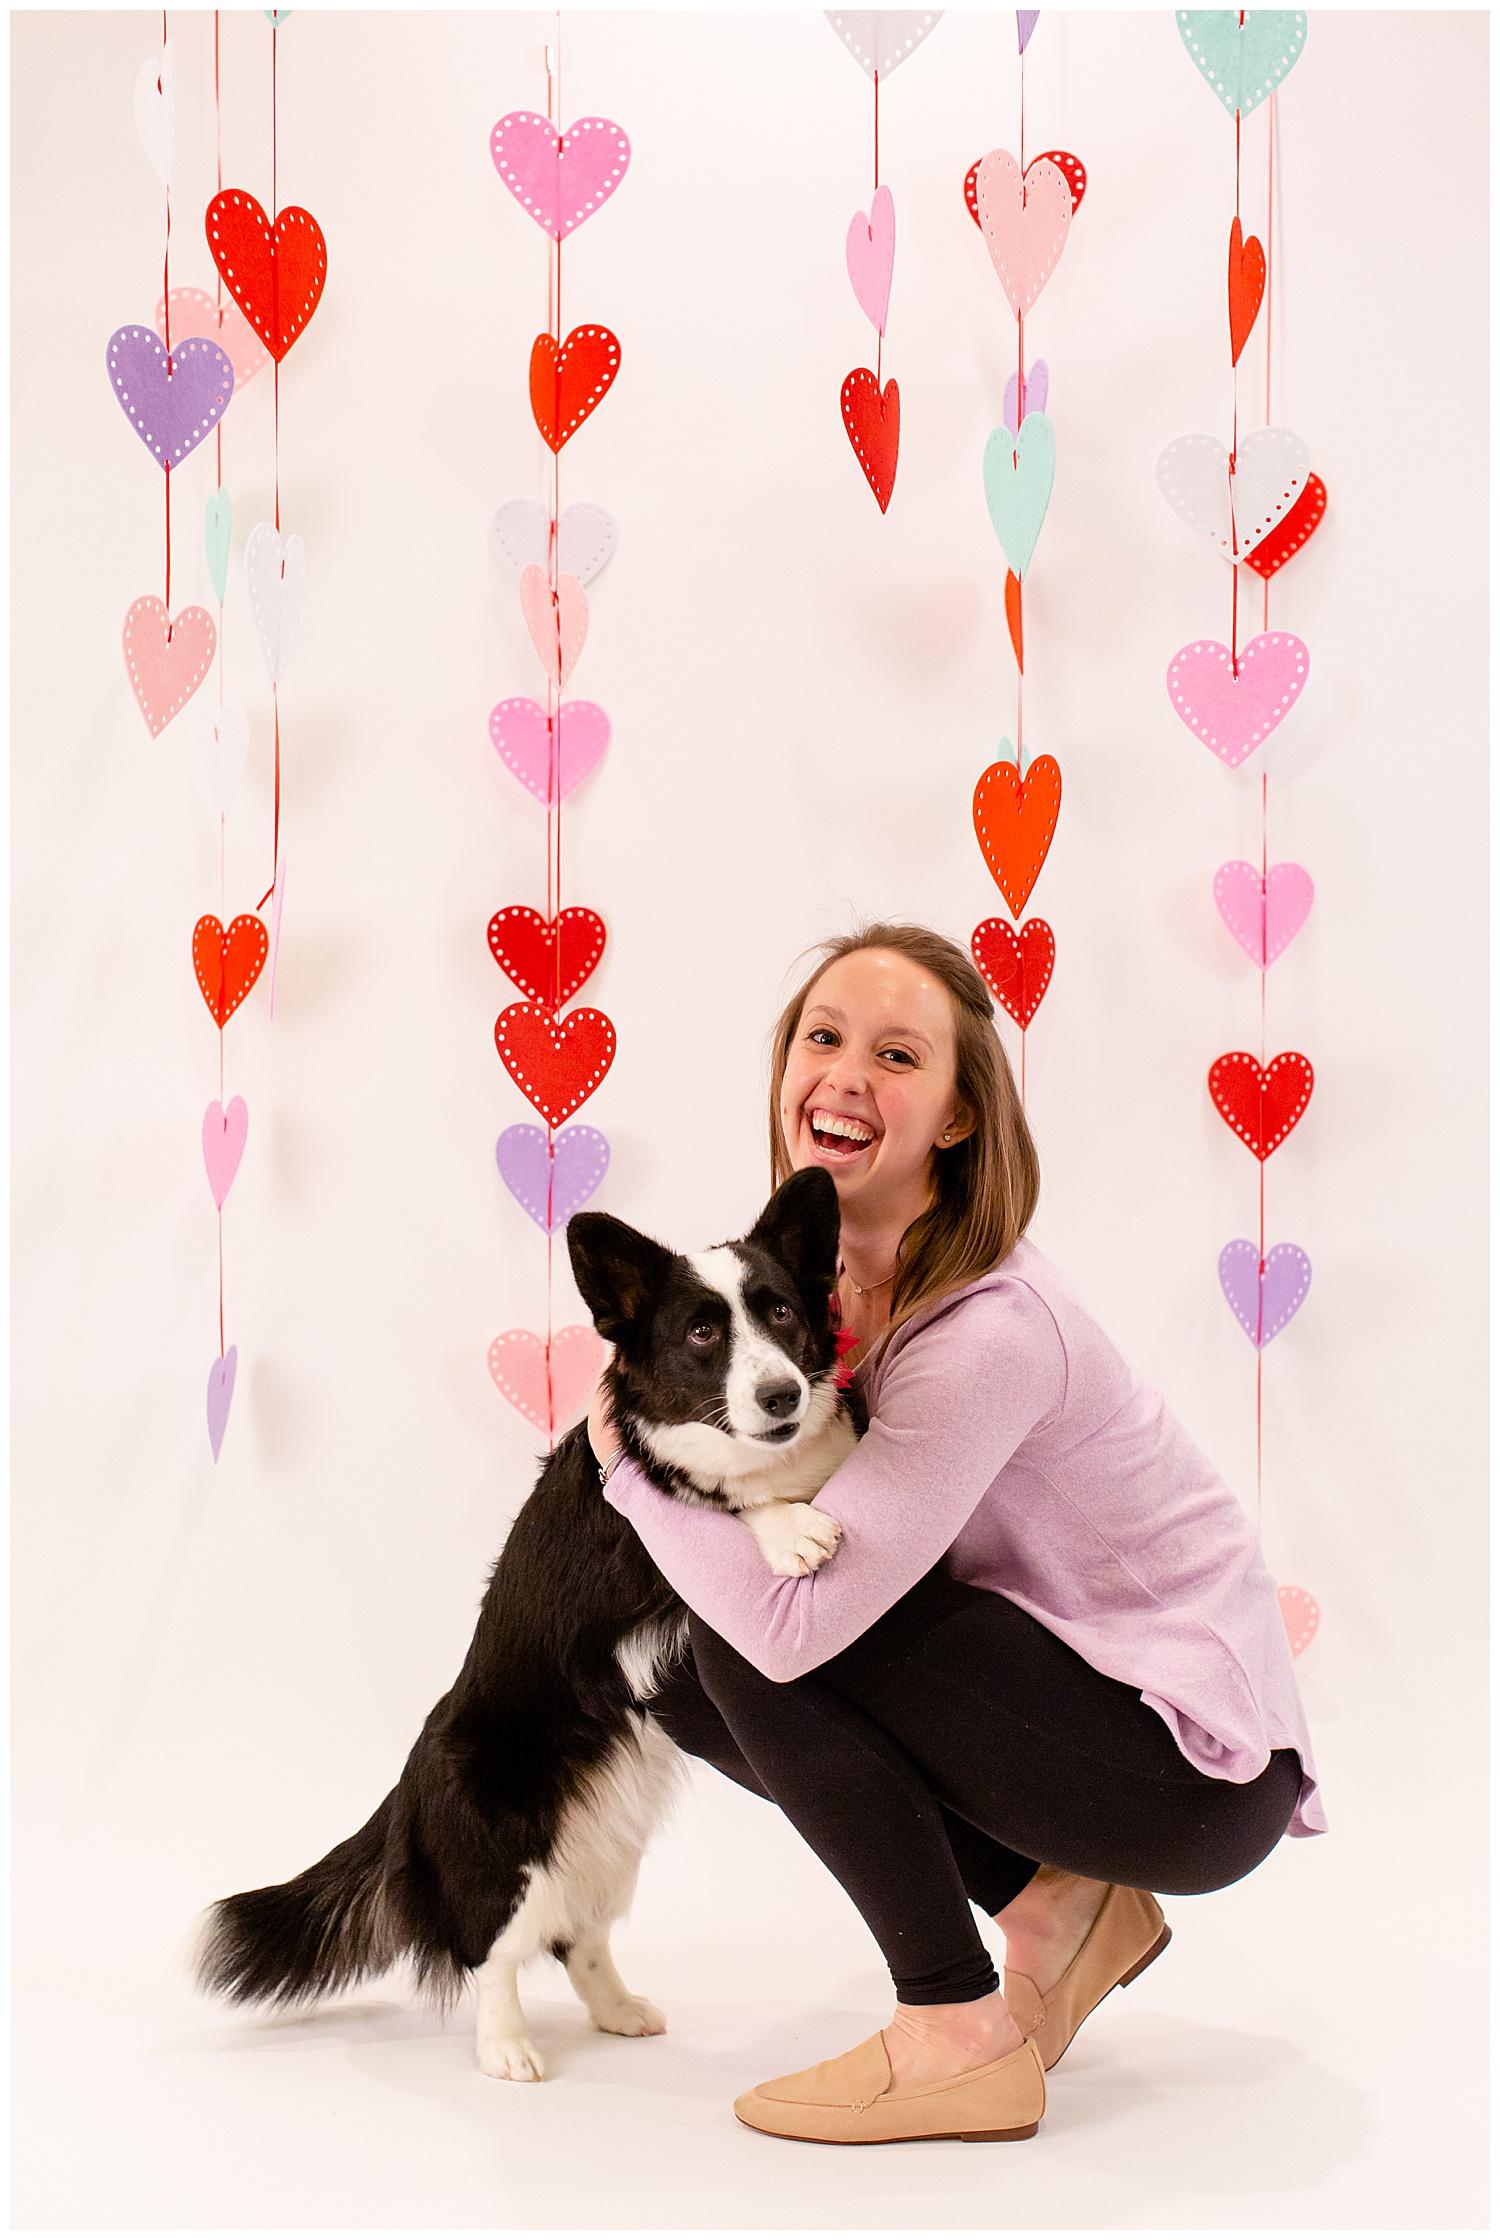 emily-belson-photography-couple-dog-valentine-photoshoot-09.jpg